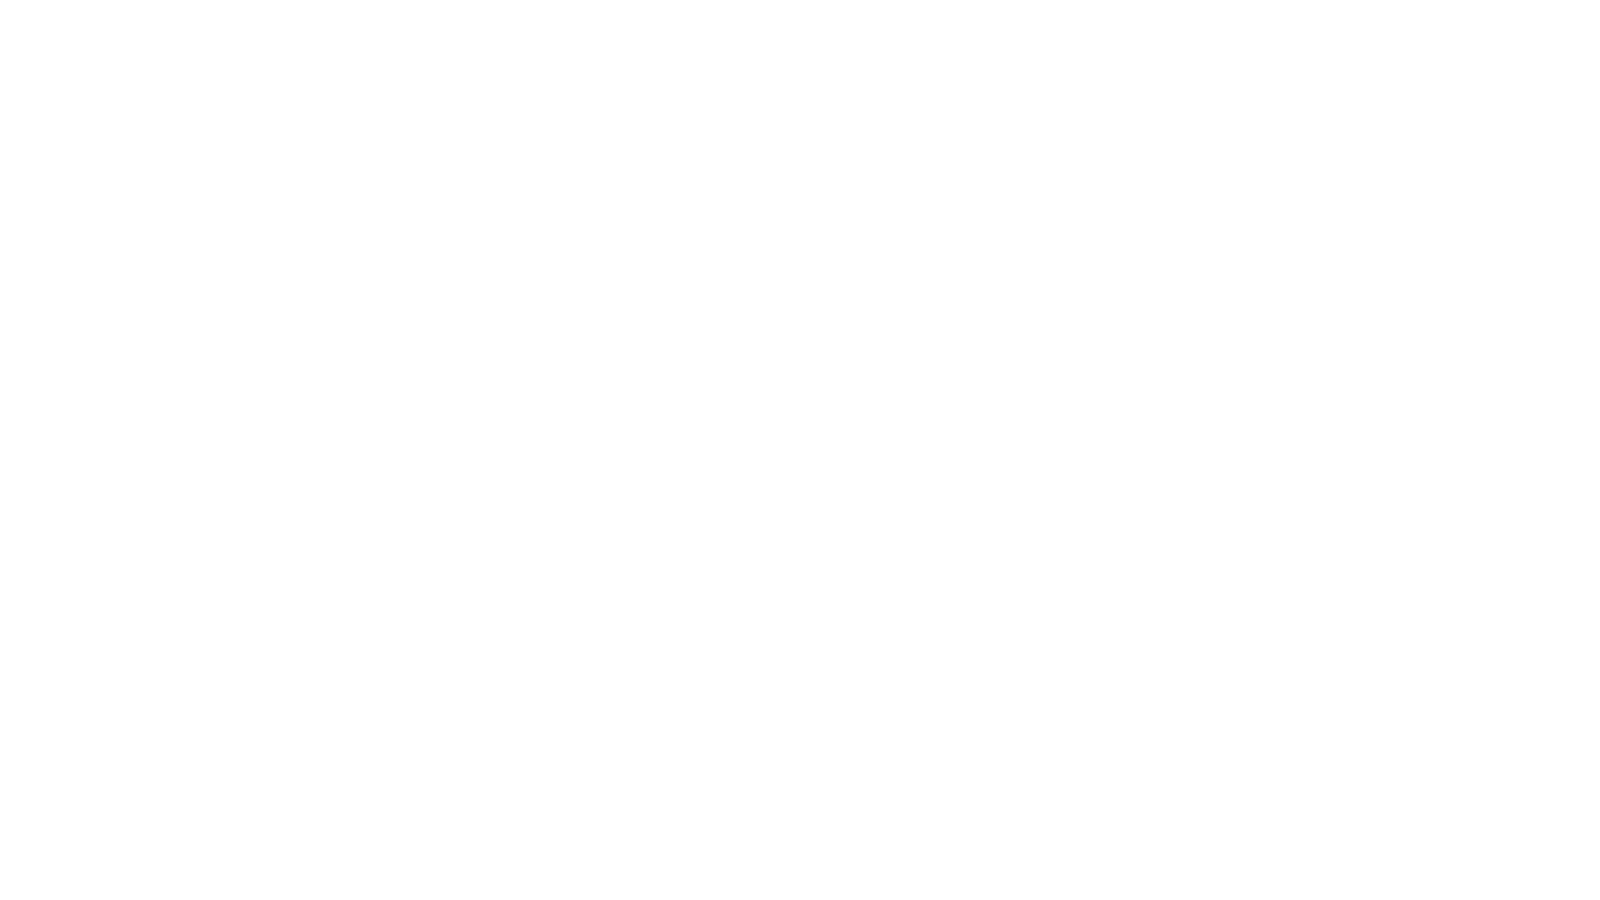 """Faites un don sur https://www.proarti.fr/collect/project/la-folle-histoire-de-france/0Parce que l'ignorance est un mal qui peut touché chacun d'entre nous, la compagnie Terrence et Malik lutte depuis 6 saisons maintenant avec son spectacle """"La folle histoire de France"""" contre ce fléau.Cet été, pour la 3e année consécutive, nous irons en Avignon relevé un nouveau défi : guérir 200 personnes par jour au théâtre du Capitole. Pour ce faire nous avons besoin de vous et de votre soutien.Merci !"""